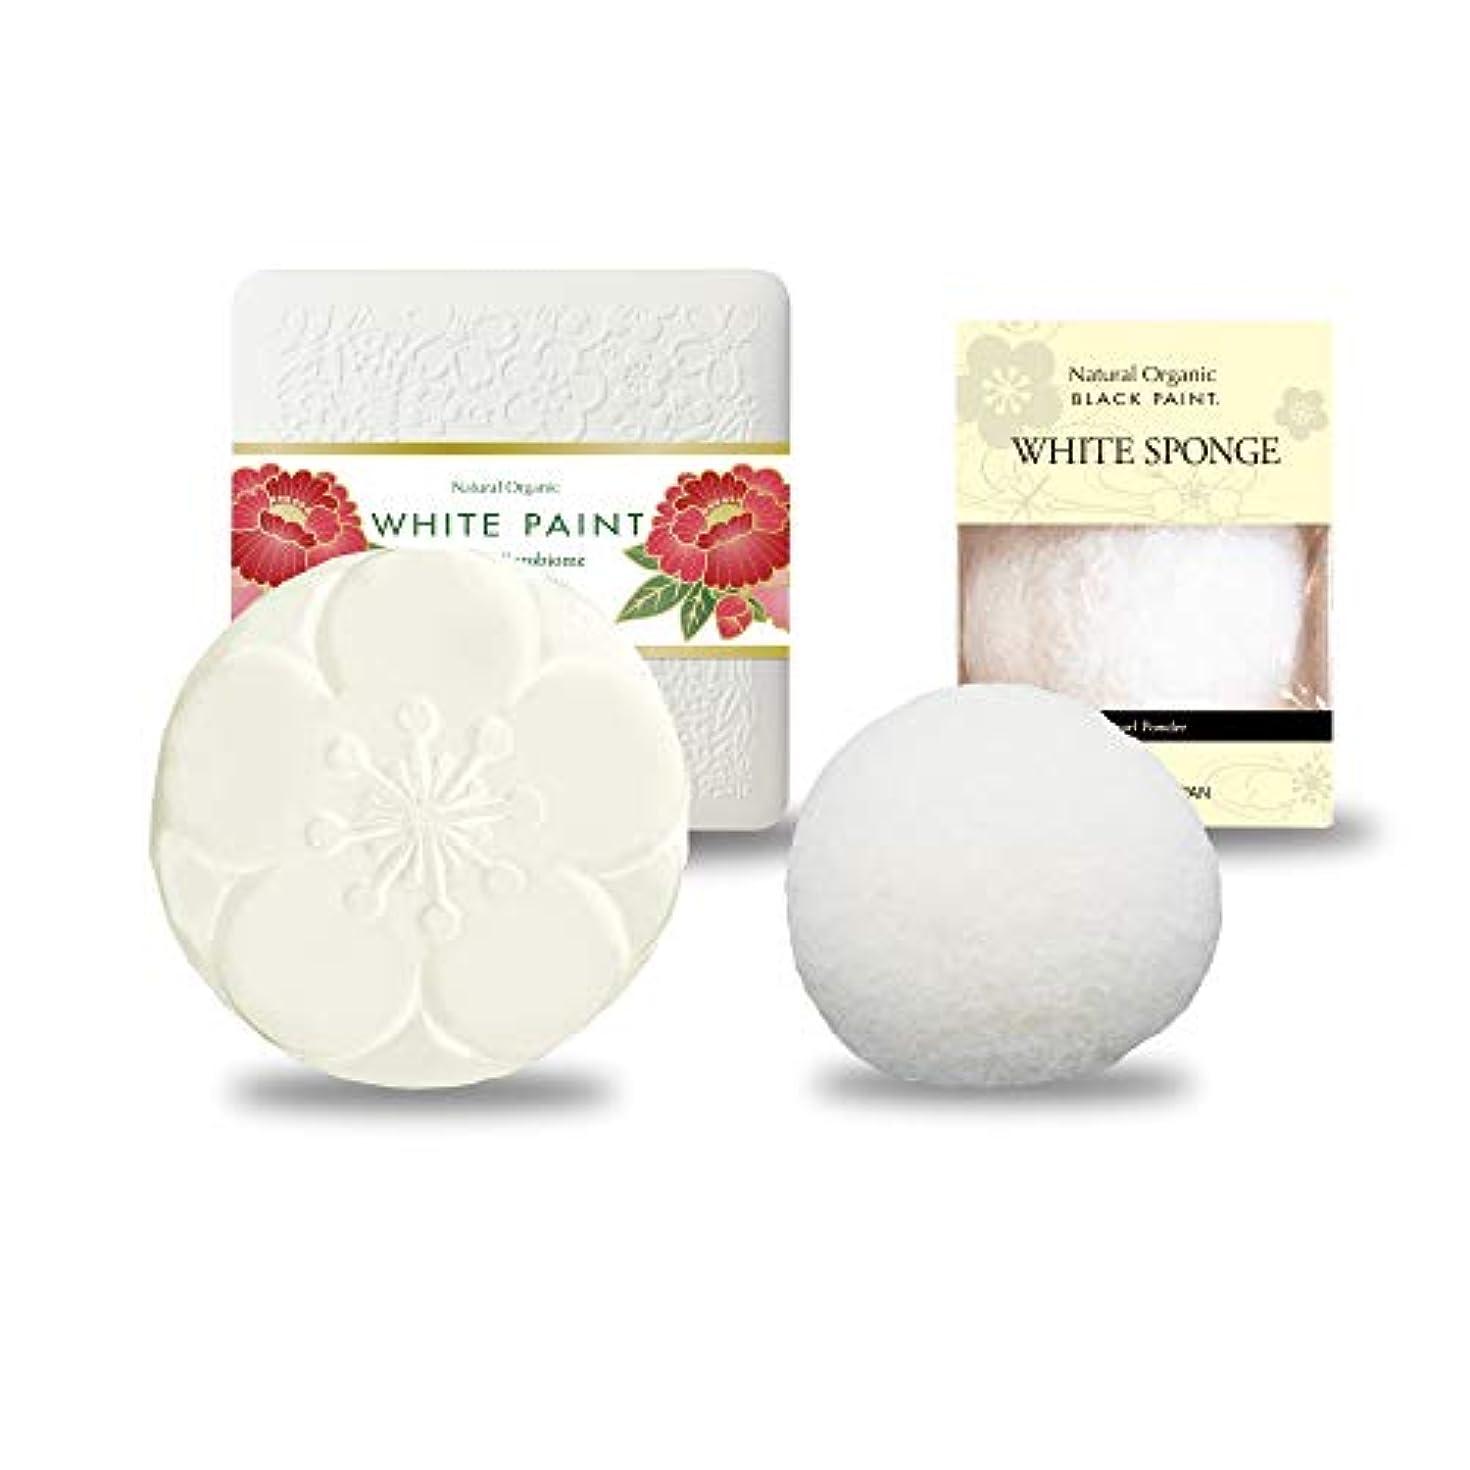 オーロックホット備品プレミアムホワイトペイント60g&ホワイトスポンジ 洗顔セット